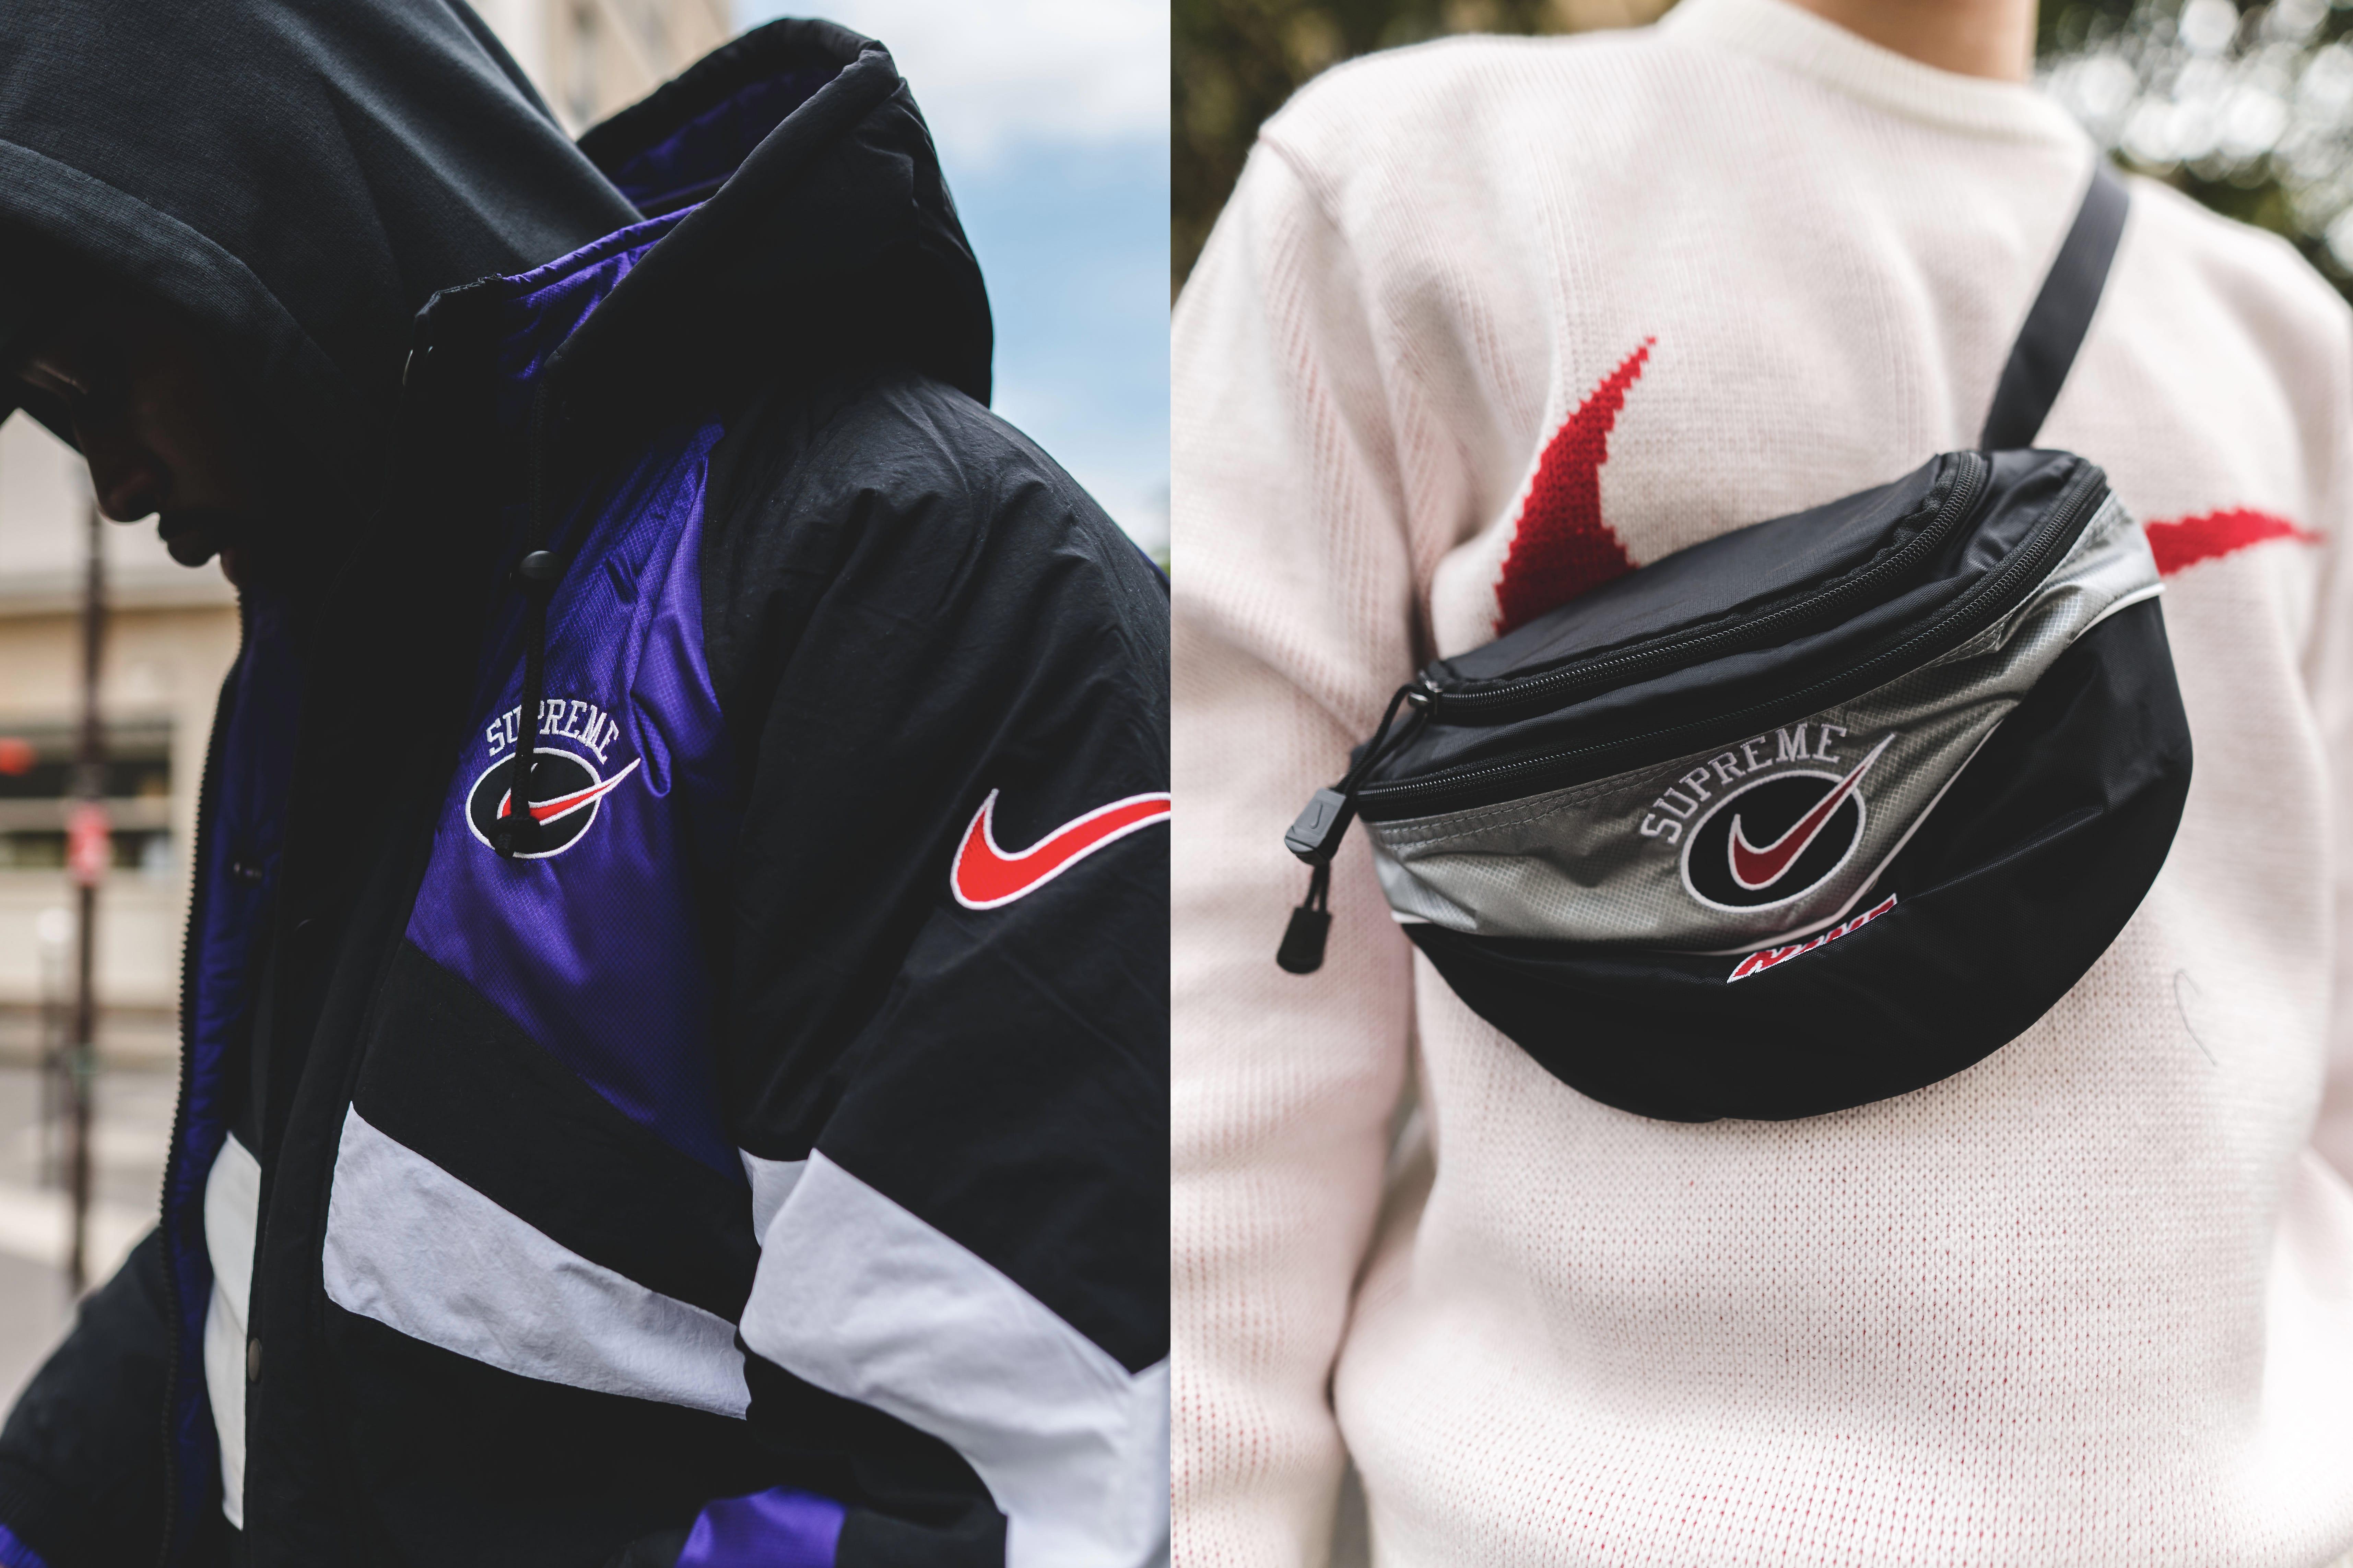 La collab Supreme x Nike s'affiche dans les rues de Paris